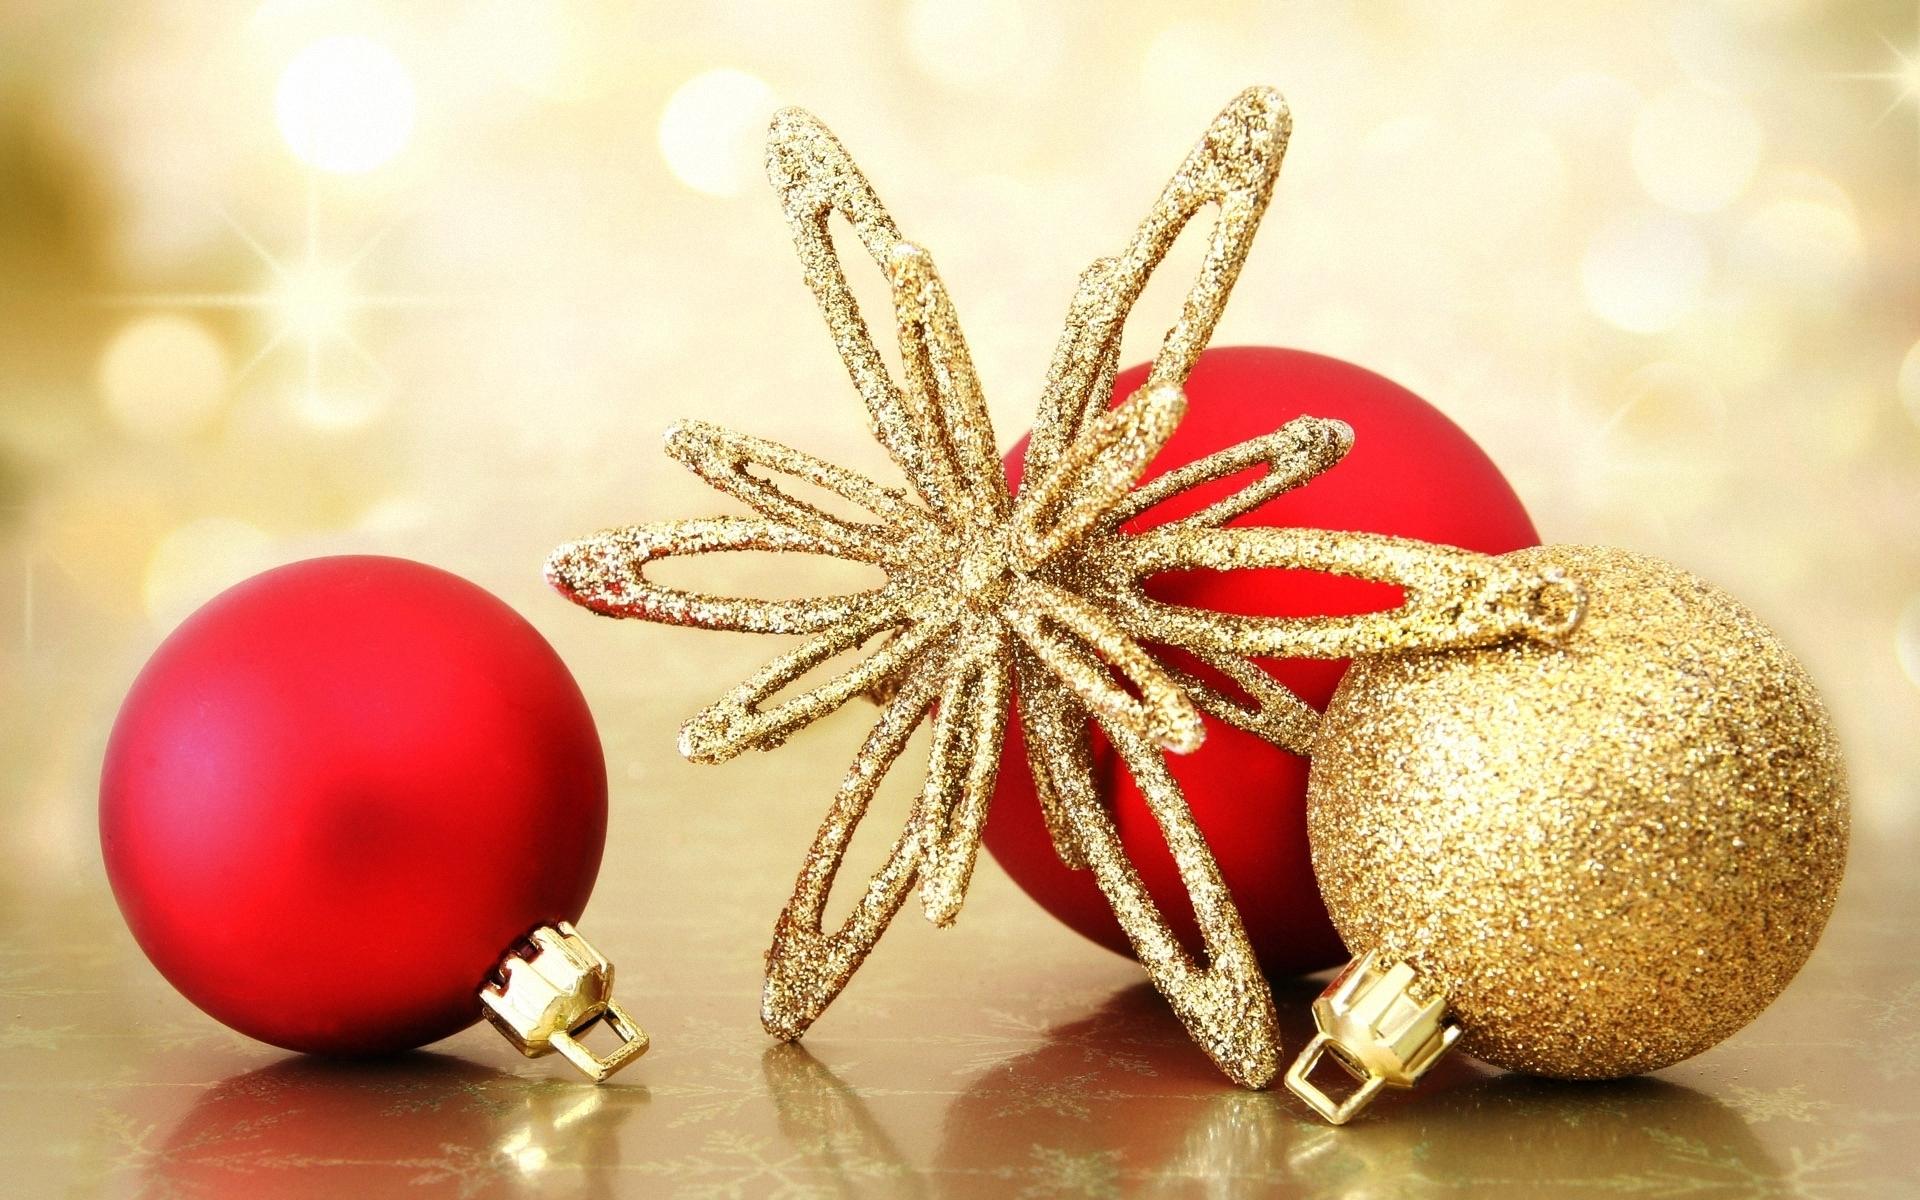 Картинка: Снежинка, шары, золотой, красный, праздник, новый год